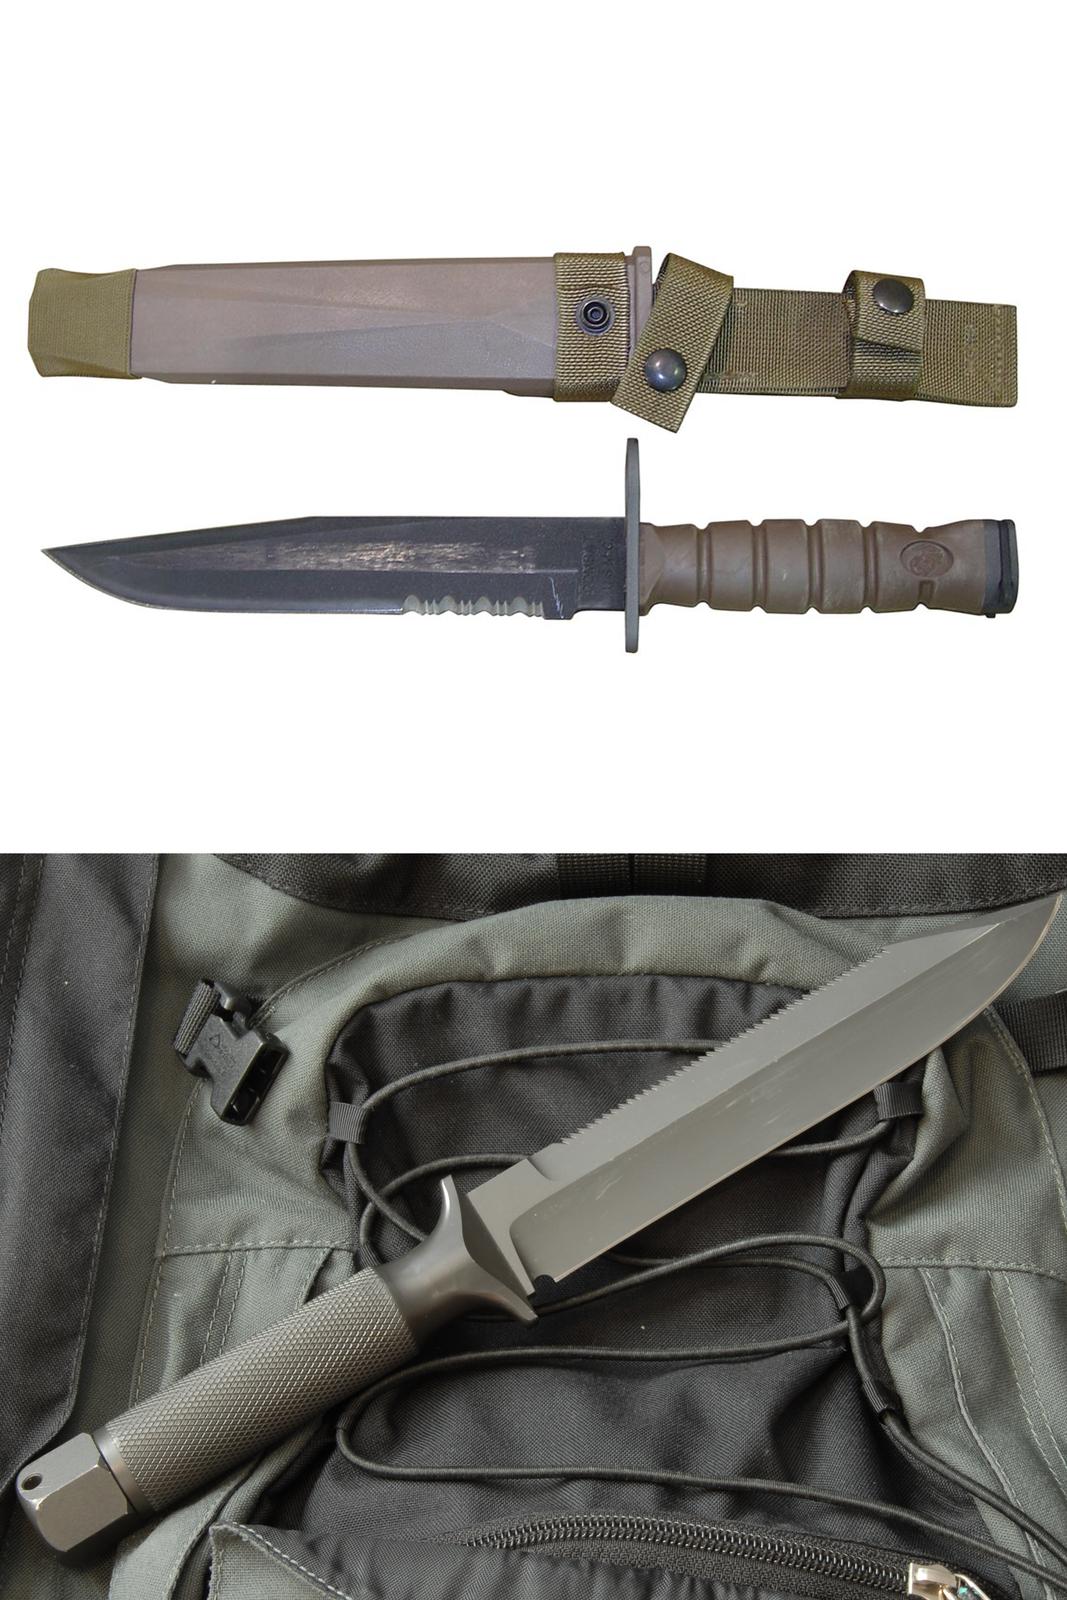 broń biała. Zdjęcie składa się zdwóch części. Zdjęcie górne to nóż oraz kabura. Ostrze noża skierowane wlewo, rękojeść noża ma 5 pionowych nacięć. Ostrze noża zakończone jest kilkoma ząbkami przy rękojeści. Dolne zdjęcie przedstawia bagnet.